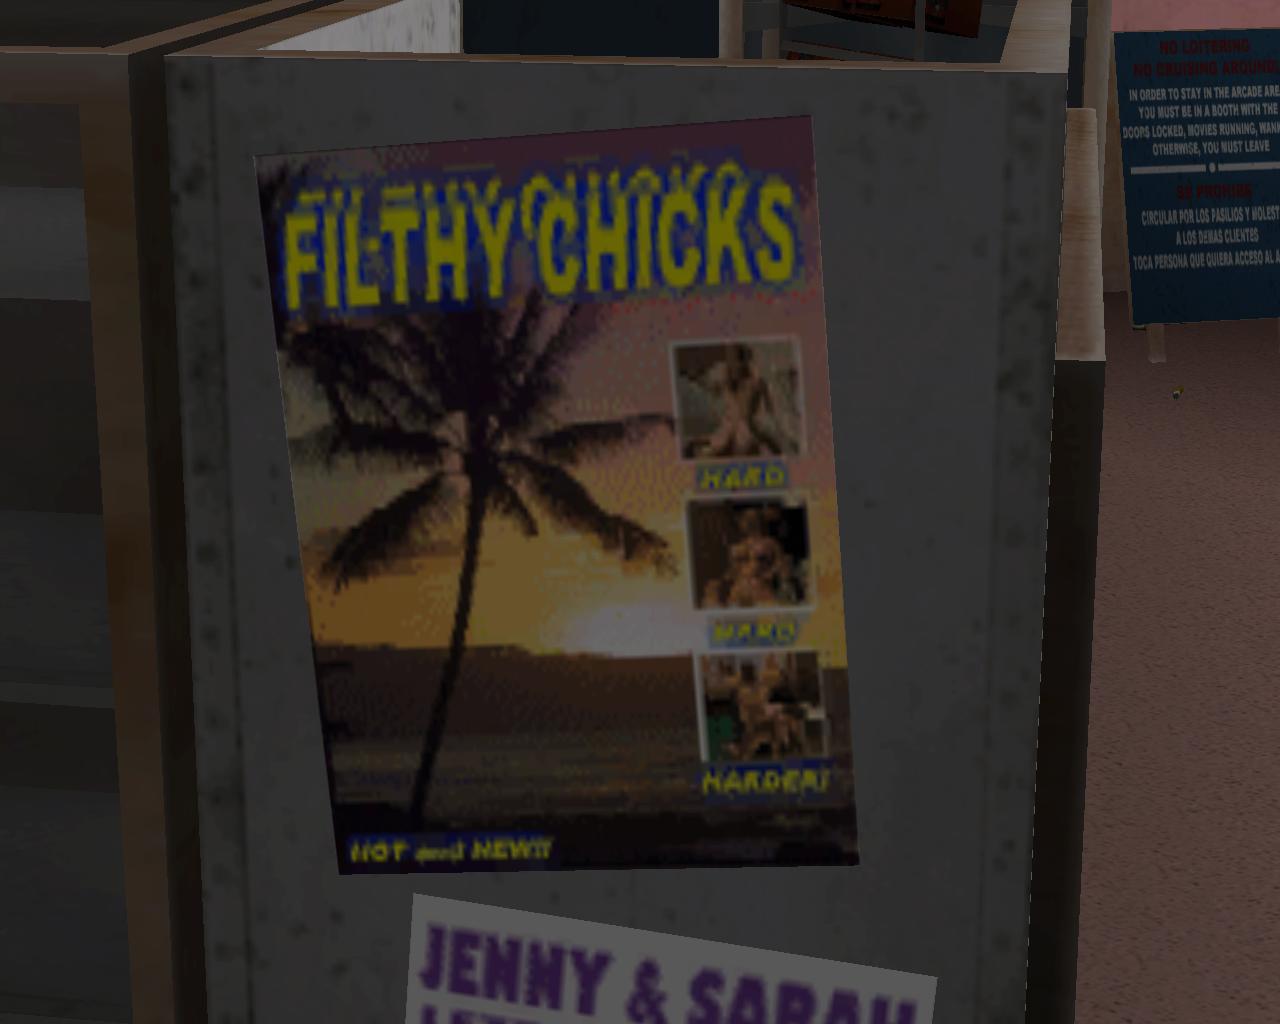 Filthy Chicks